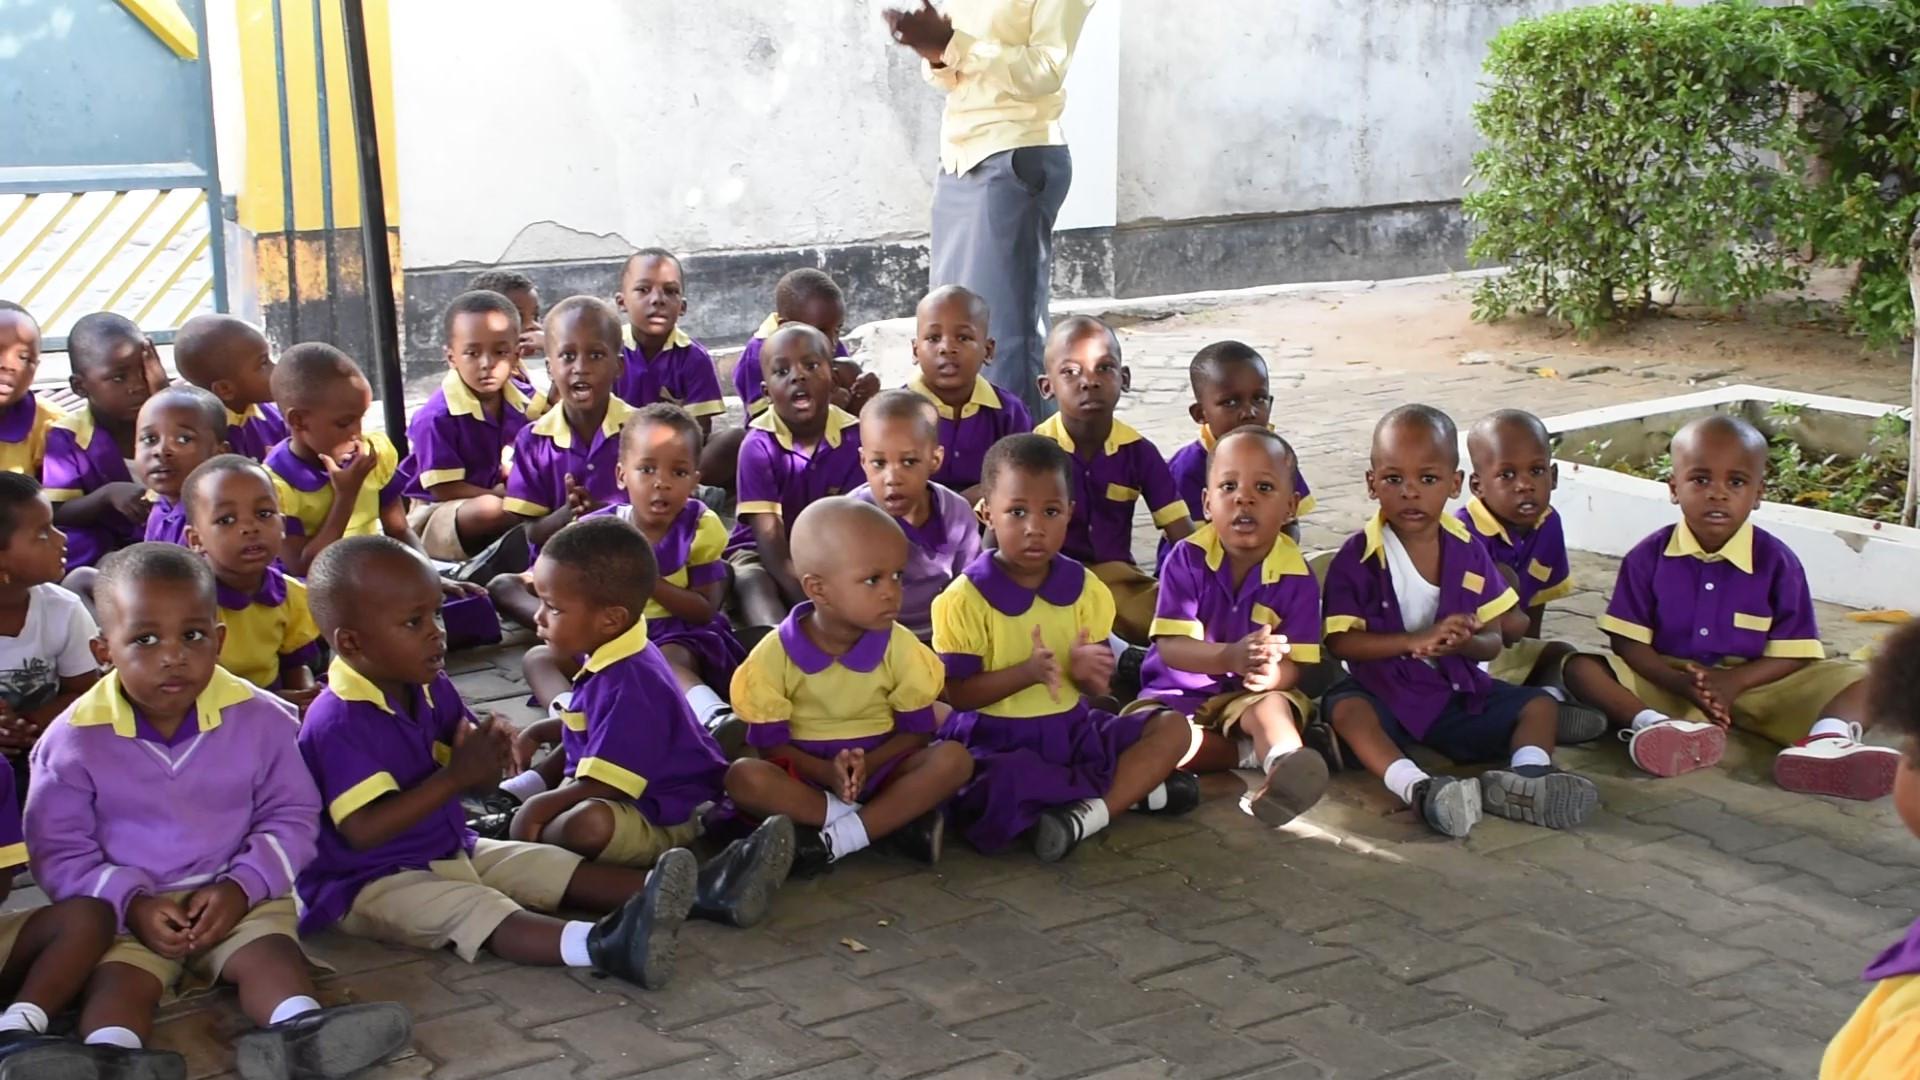 St. Don Bosco Primary School